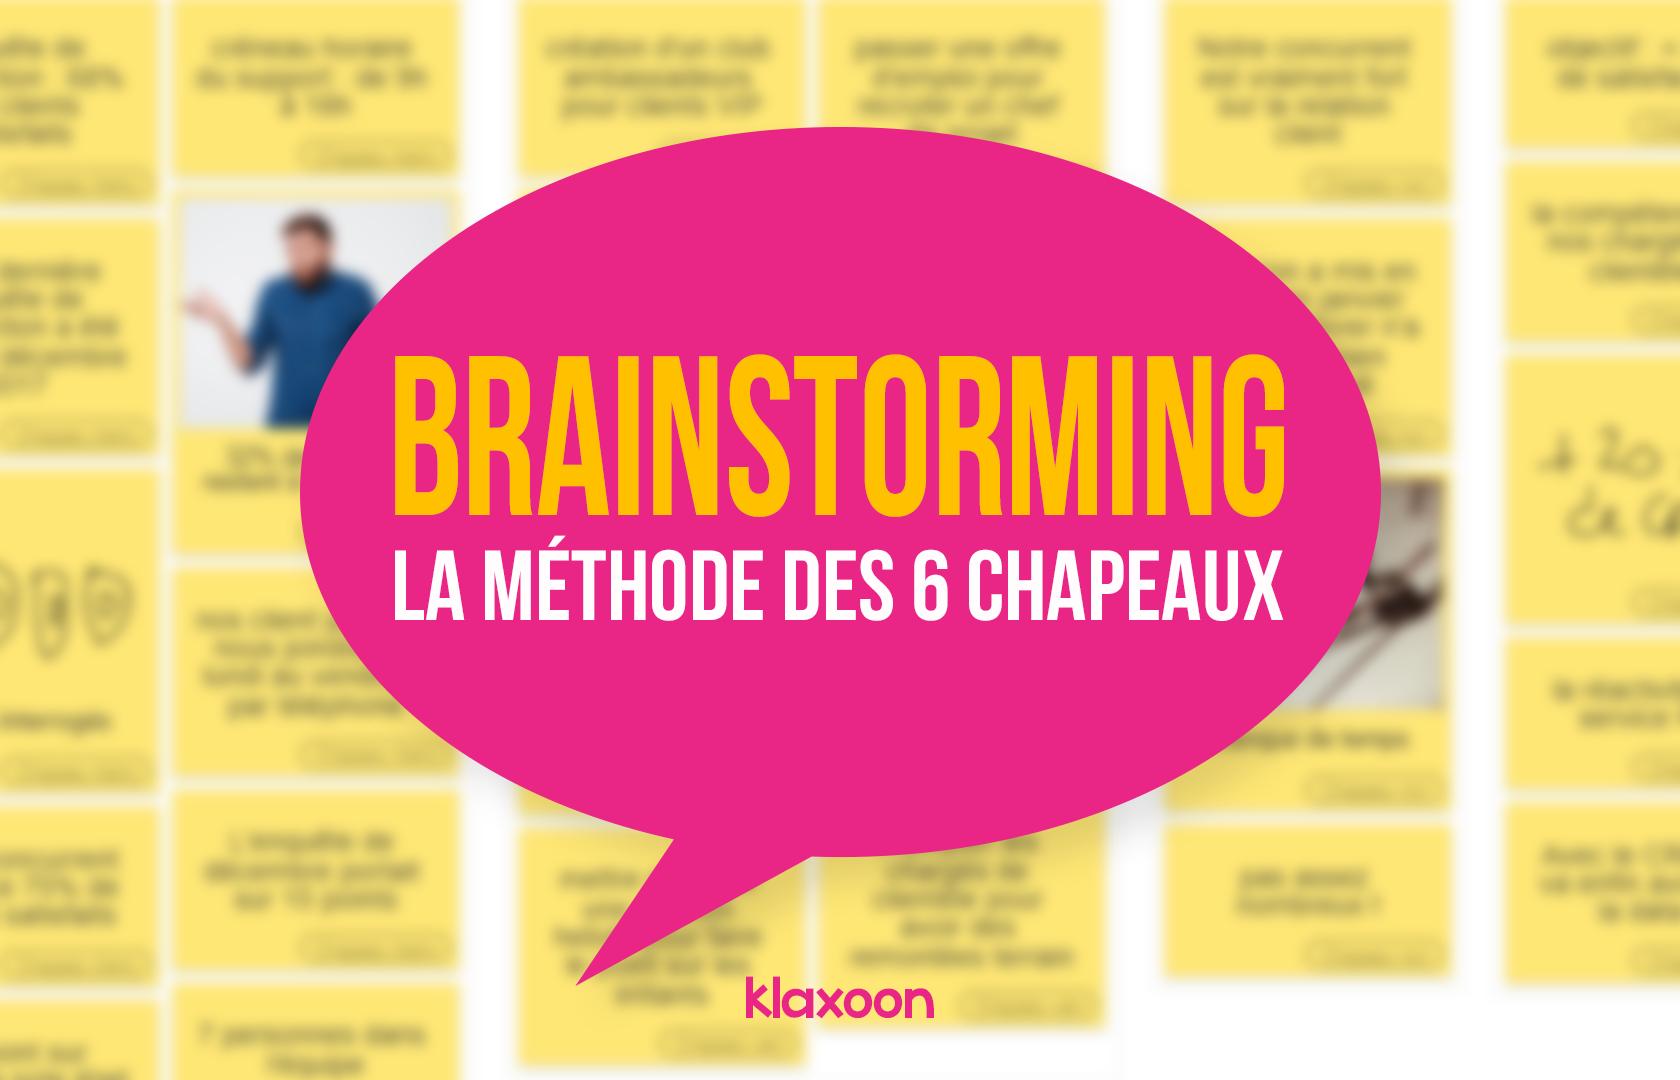 Brainstorming : testez la méthode des 6 chapeaux !